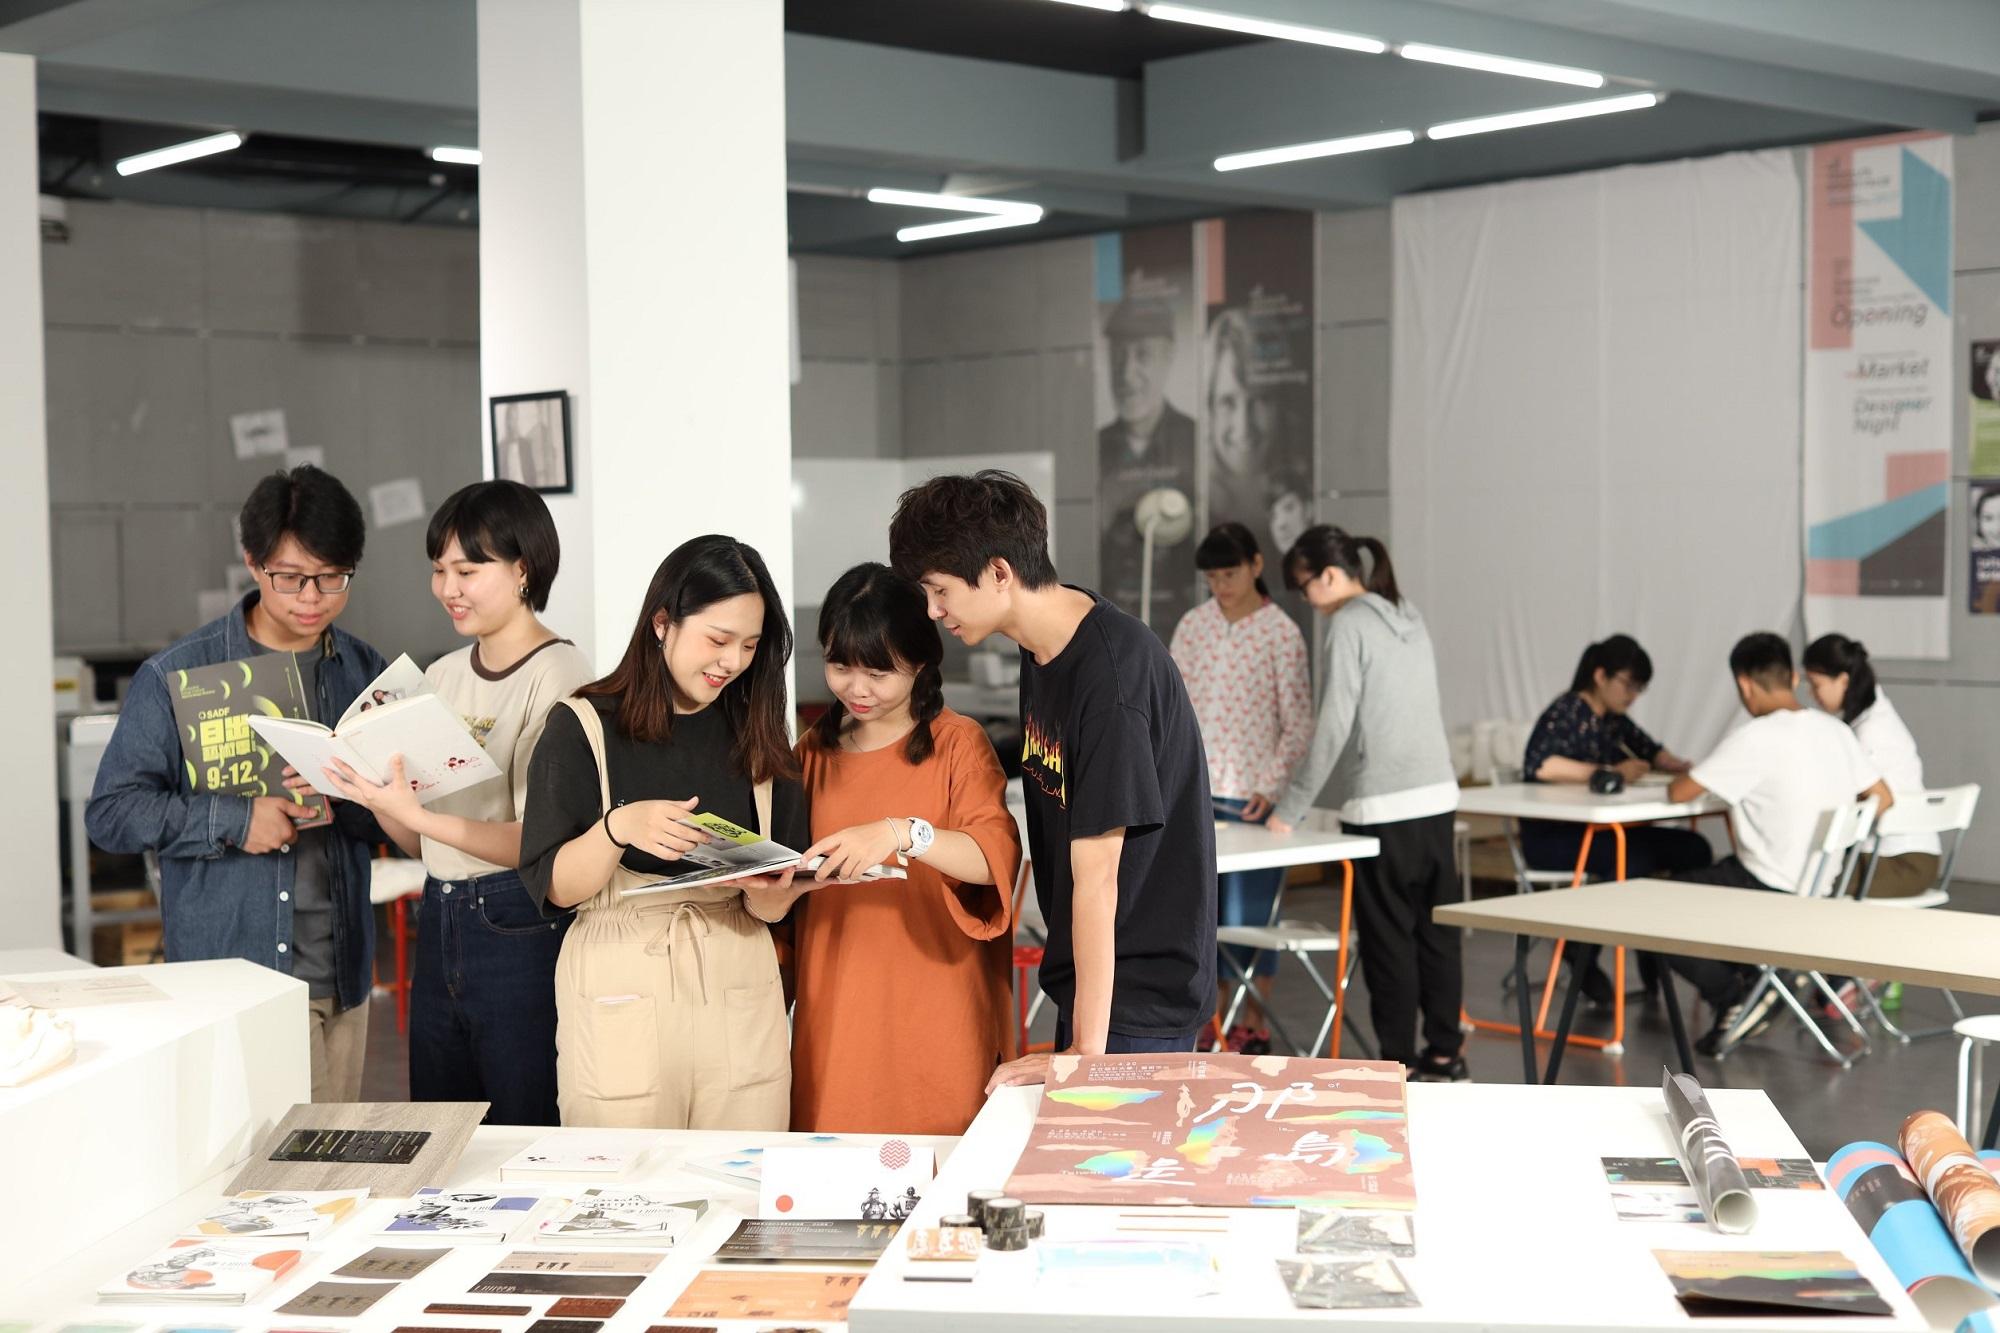 東方設計大學/工坊式教學    業界「即戰力」-升大學指南